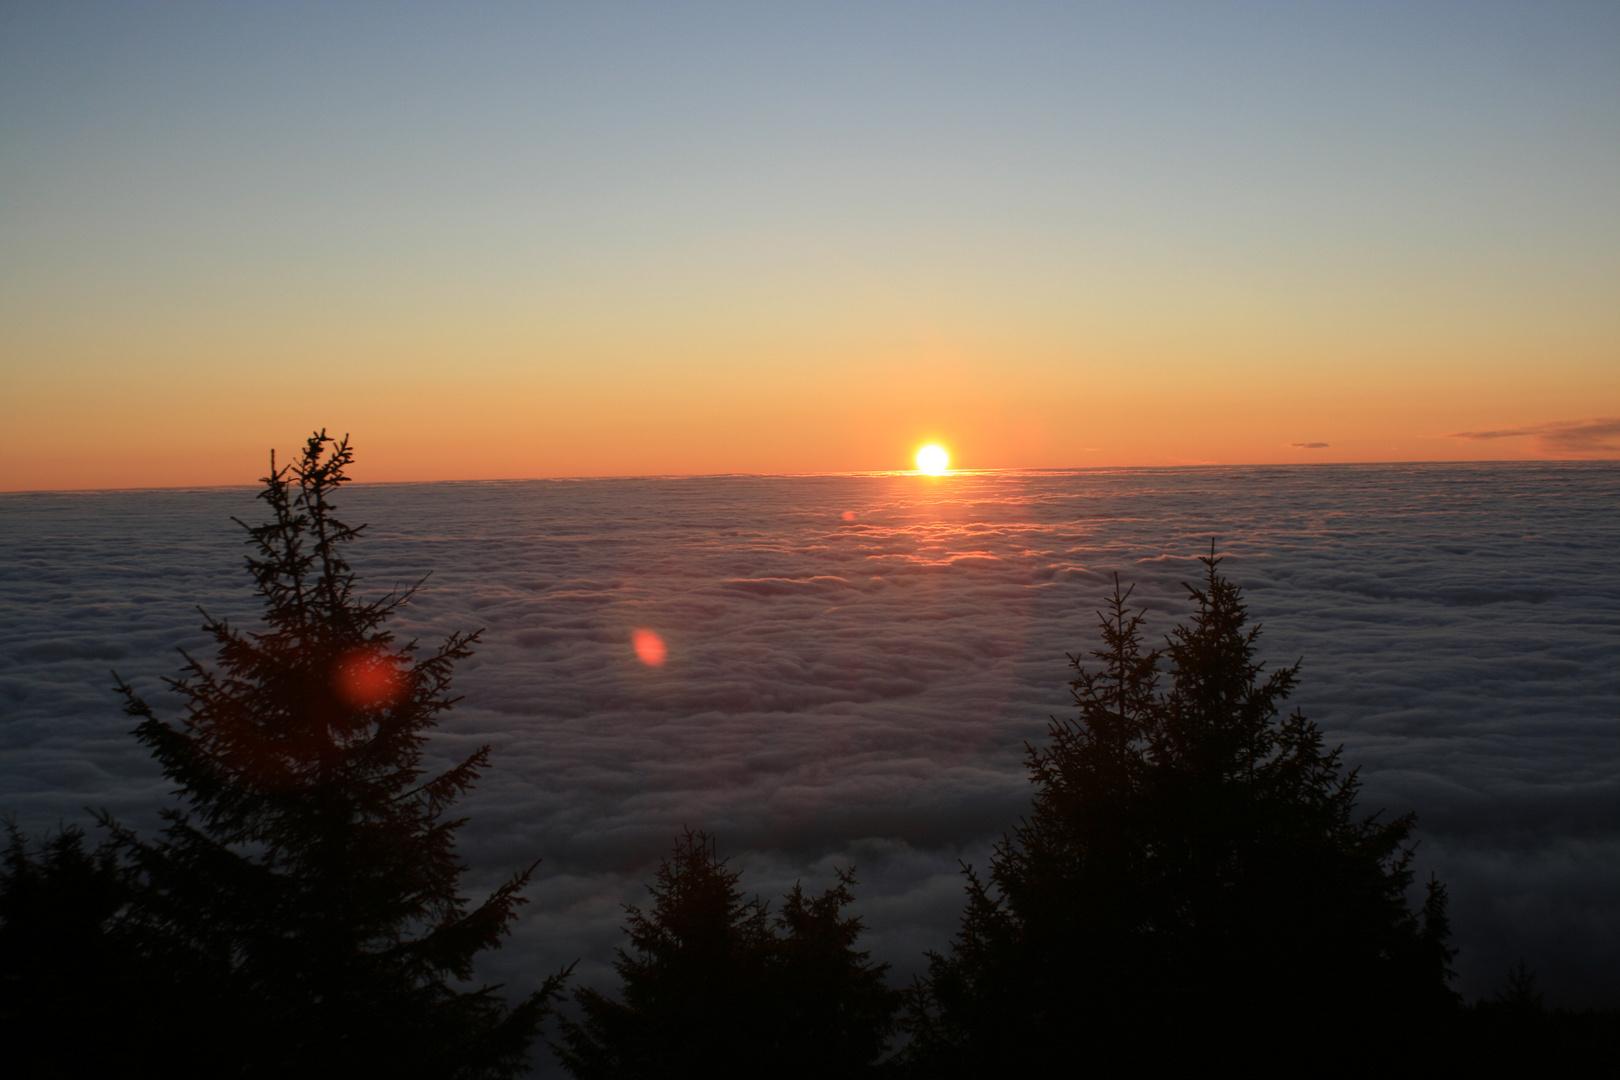 Sonnenaufgang auf dem Meer der Wolken